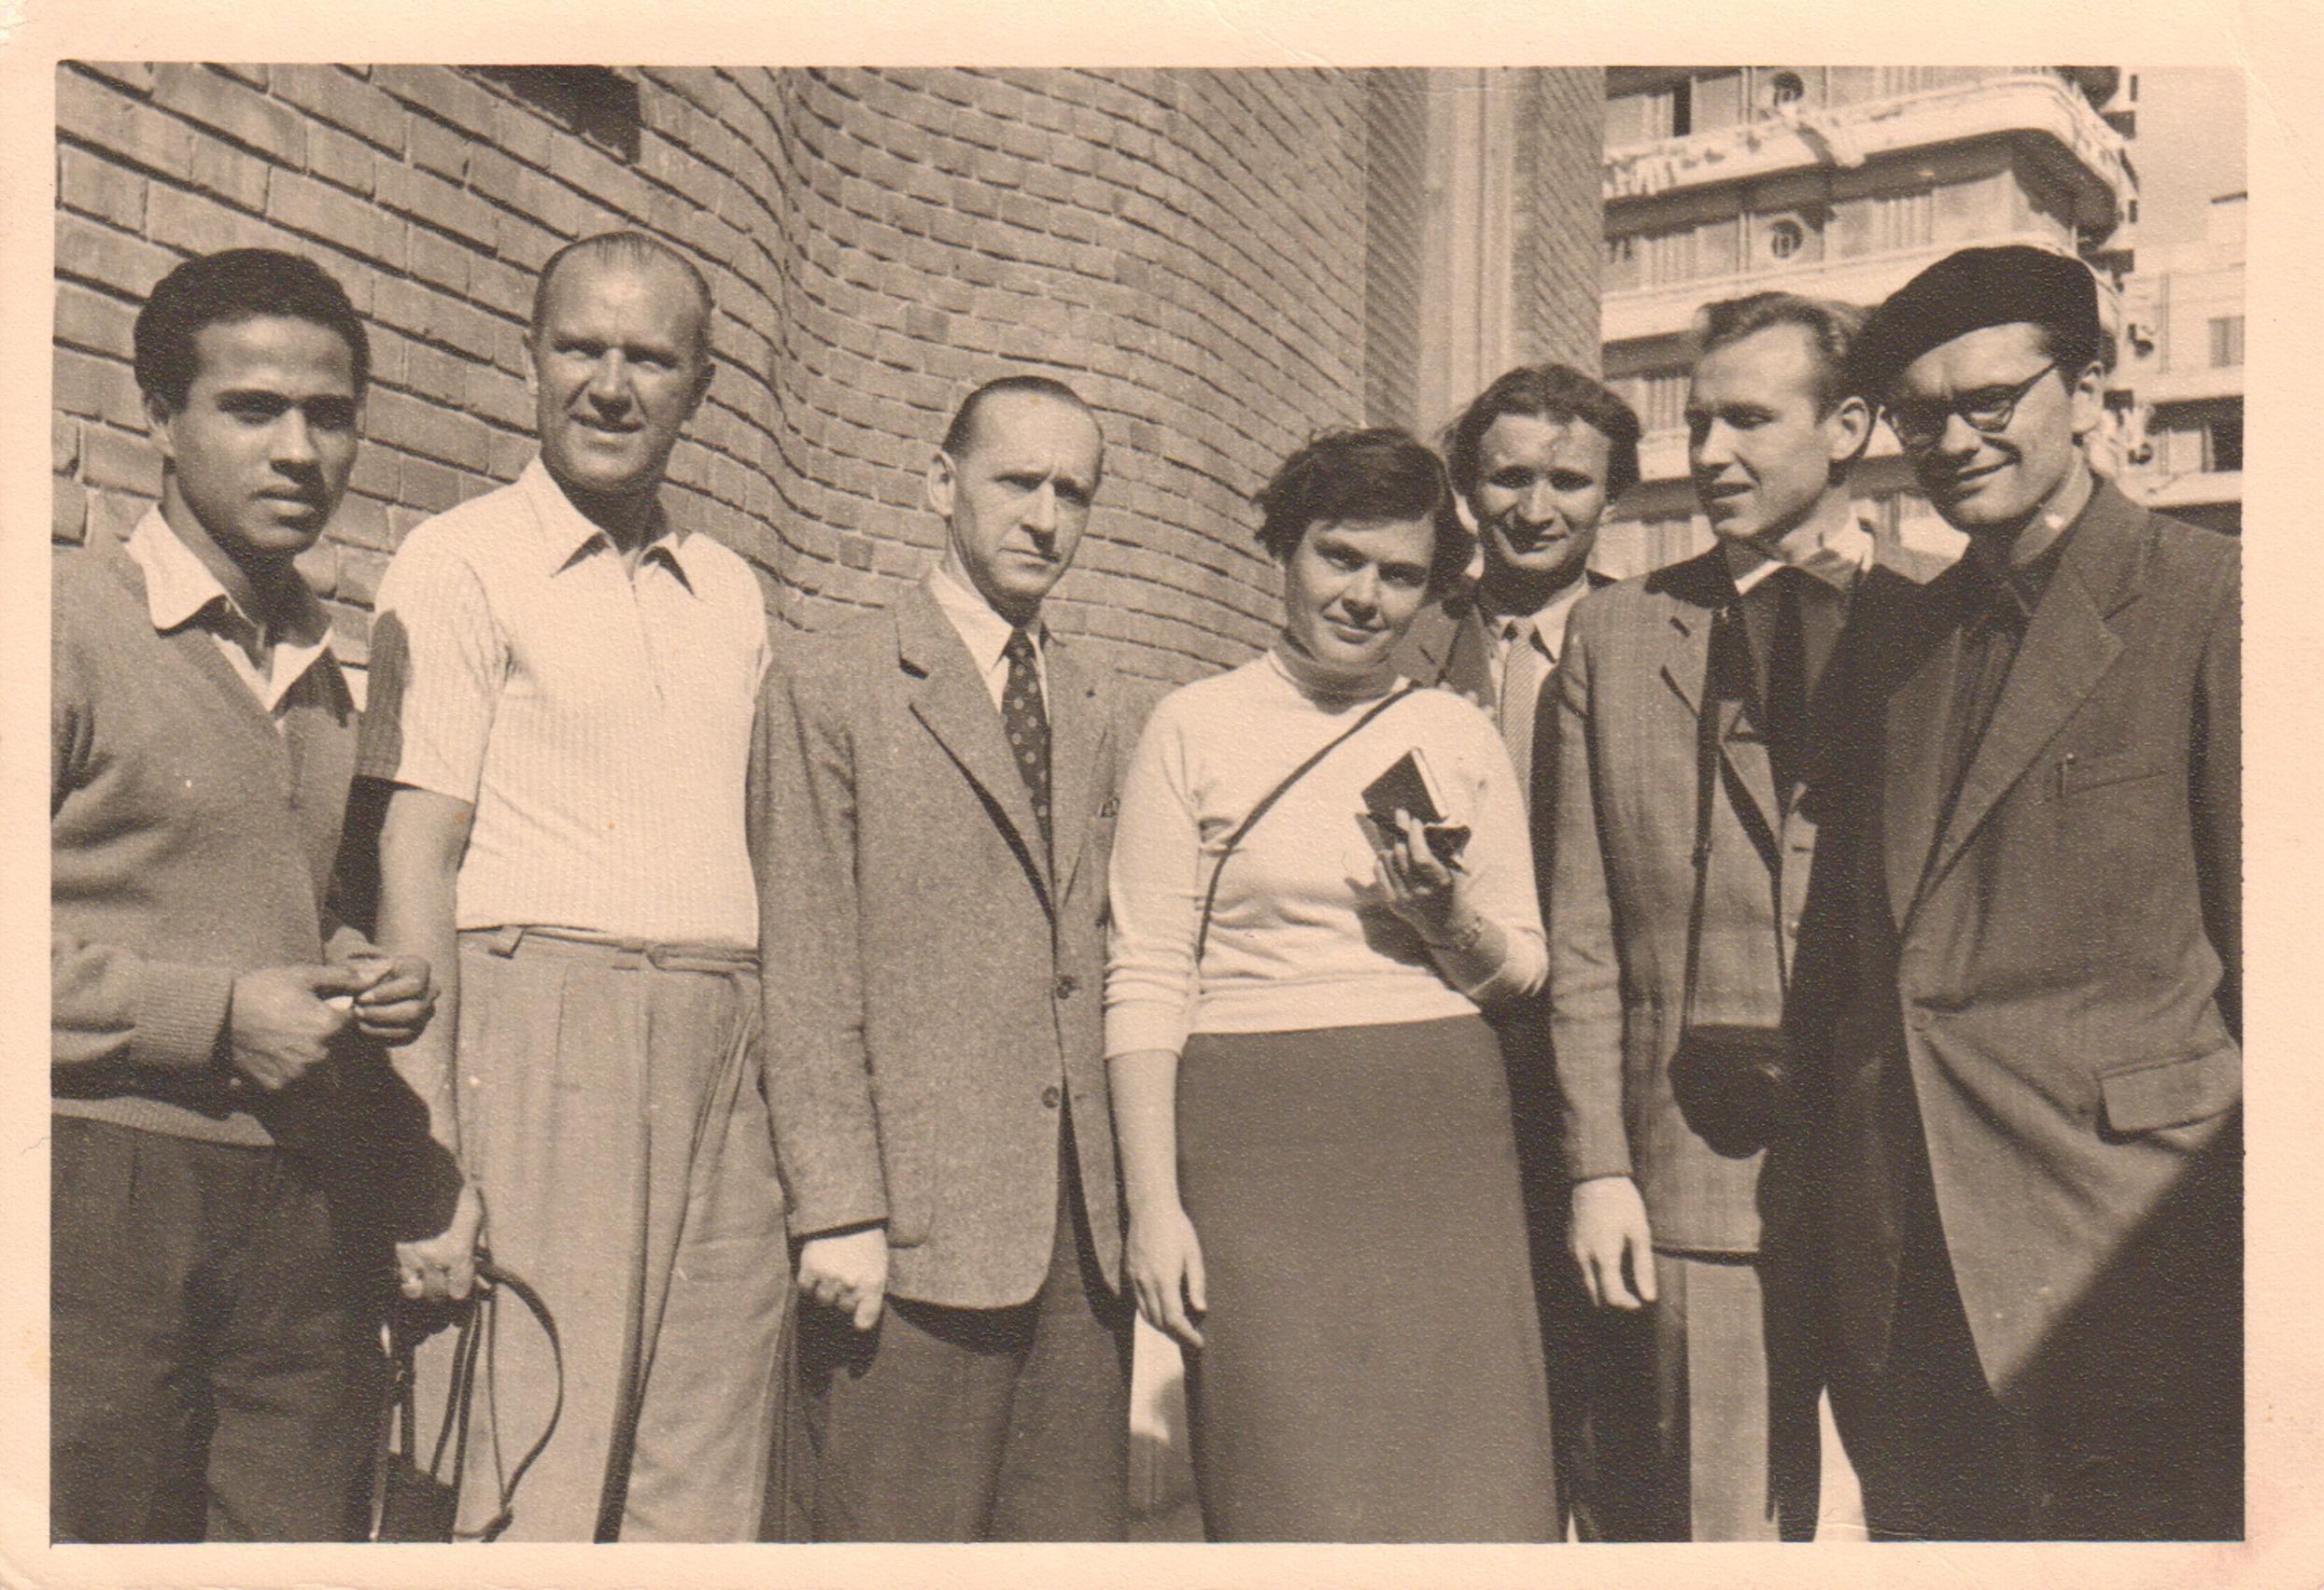 Stovi grupės gidas, V. Miliūnas, A. J. Greimas, žurnalistė R. Žičkytė, kalbininkas J. Balčikonis, žurnalistas D. Šniukas ir A. Baltakis. Egiptas, 1957 m.